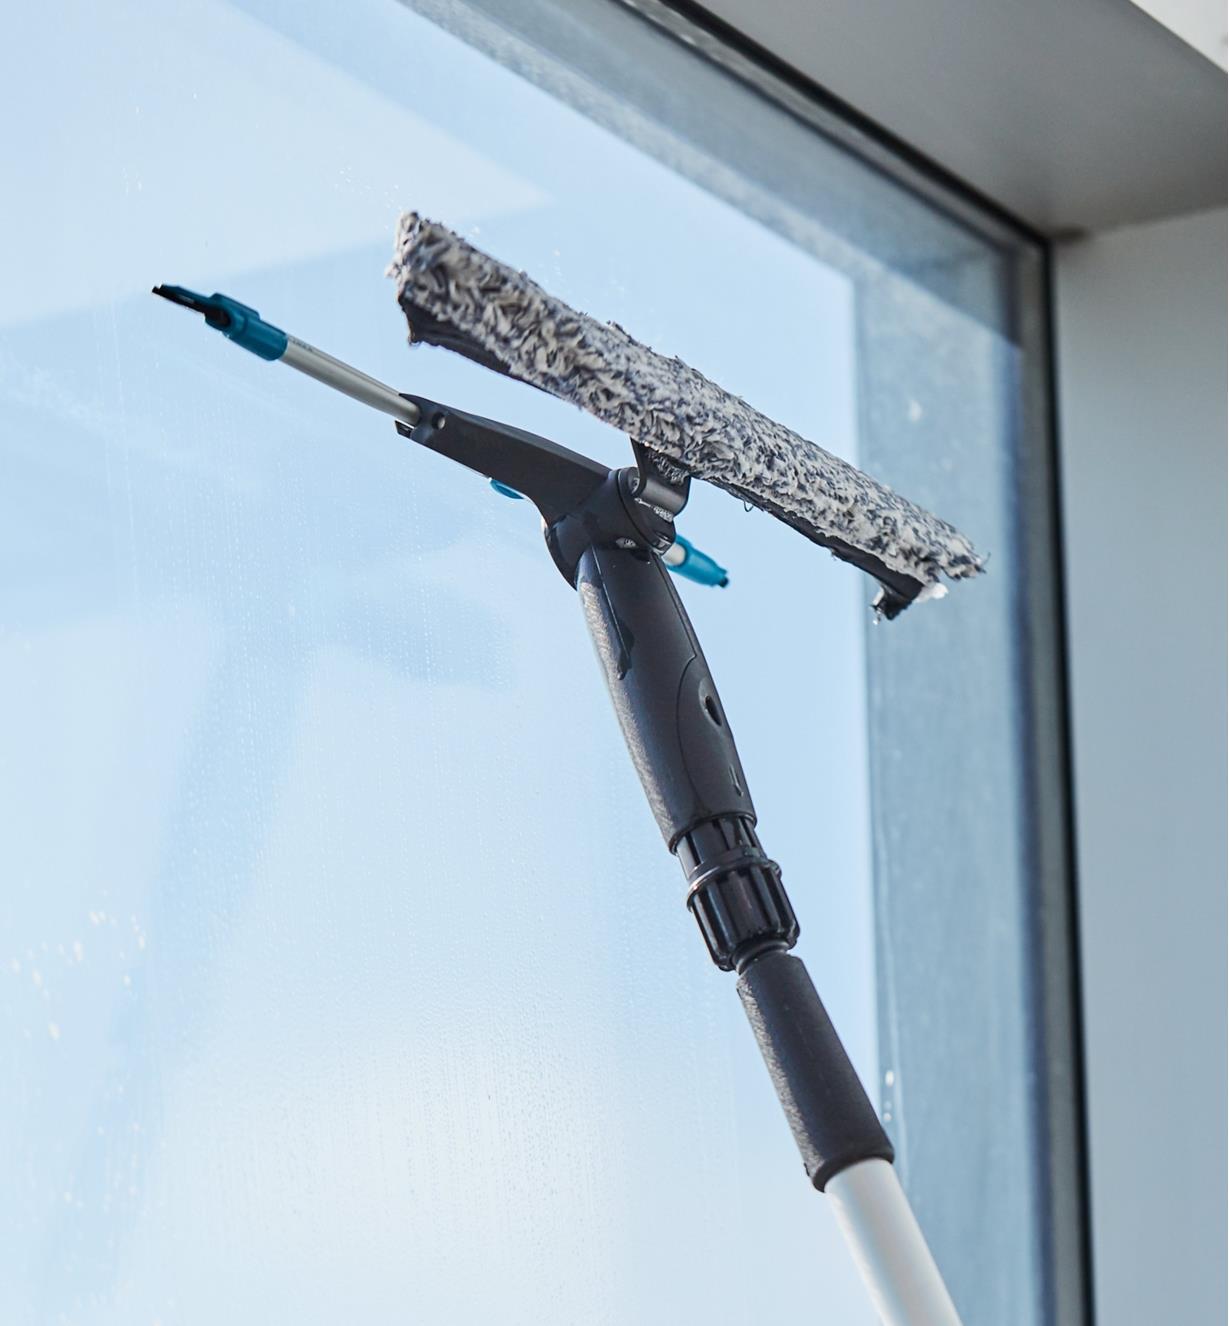 Raclette de l'outil combiné pour le lavage de vitre appuyée contre une fenêtre